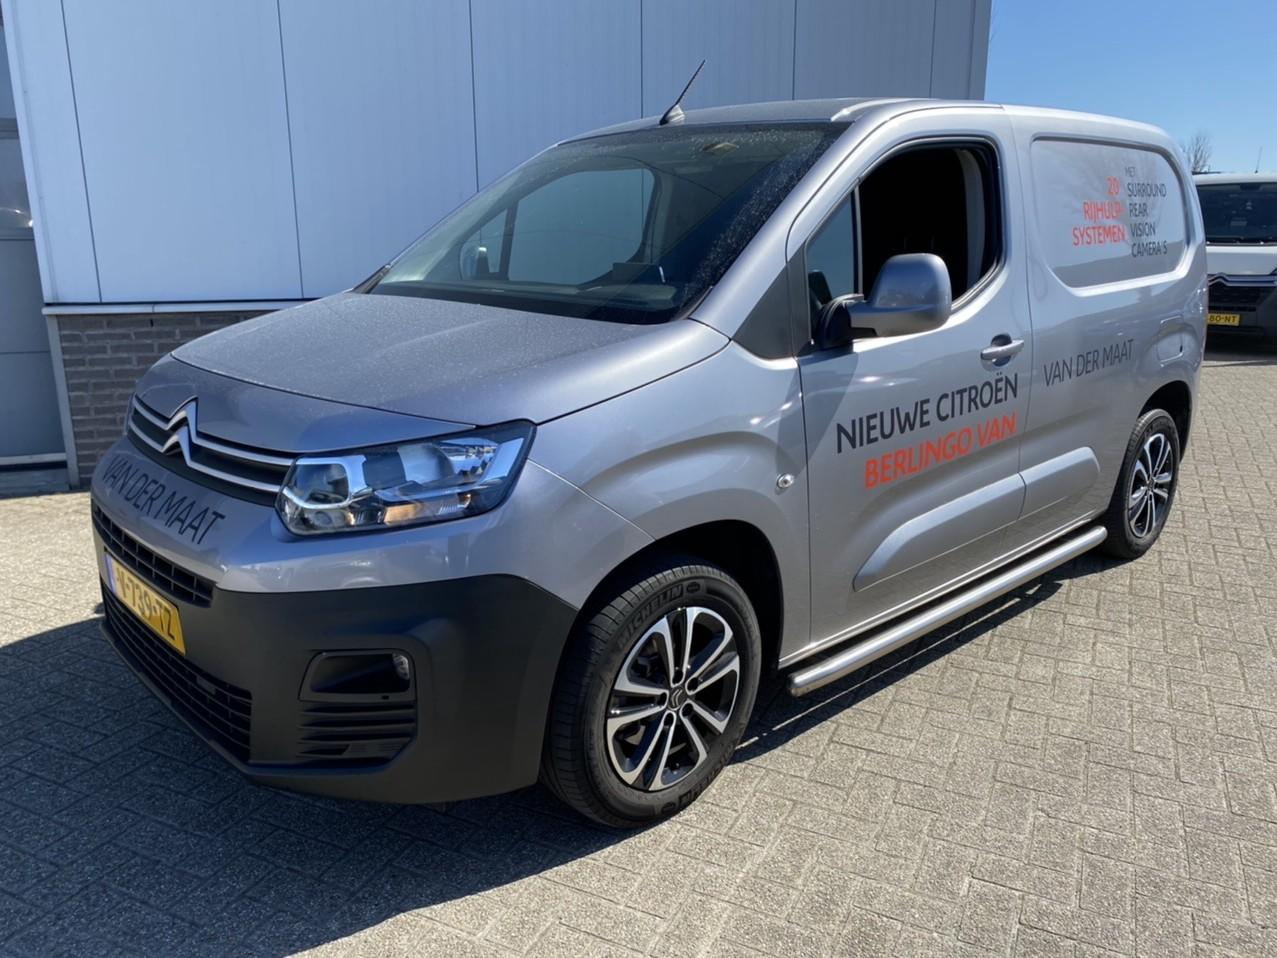 Citroën Berlingo Van new gb 1.6 100pk club rijklaar prijs